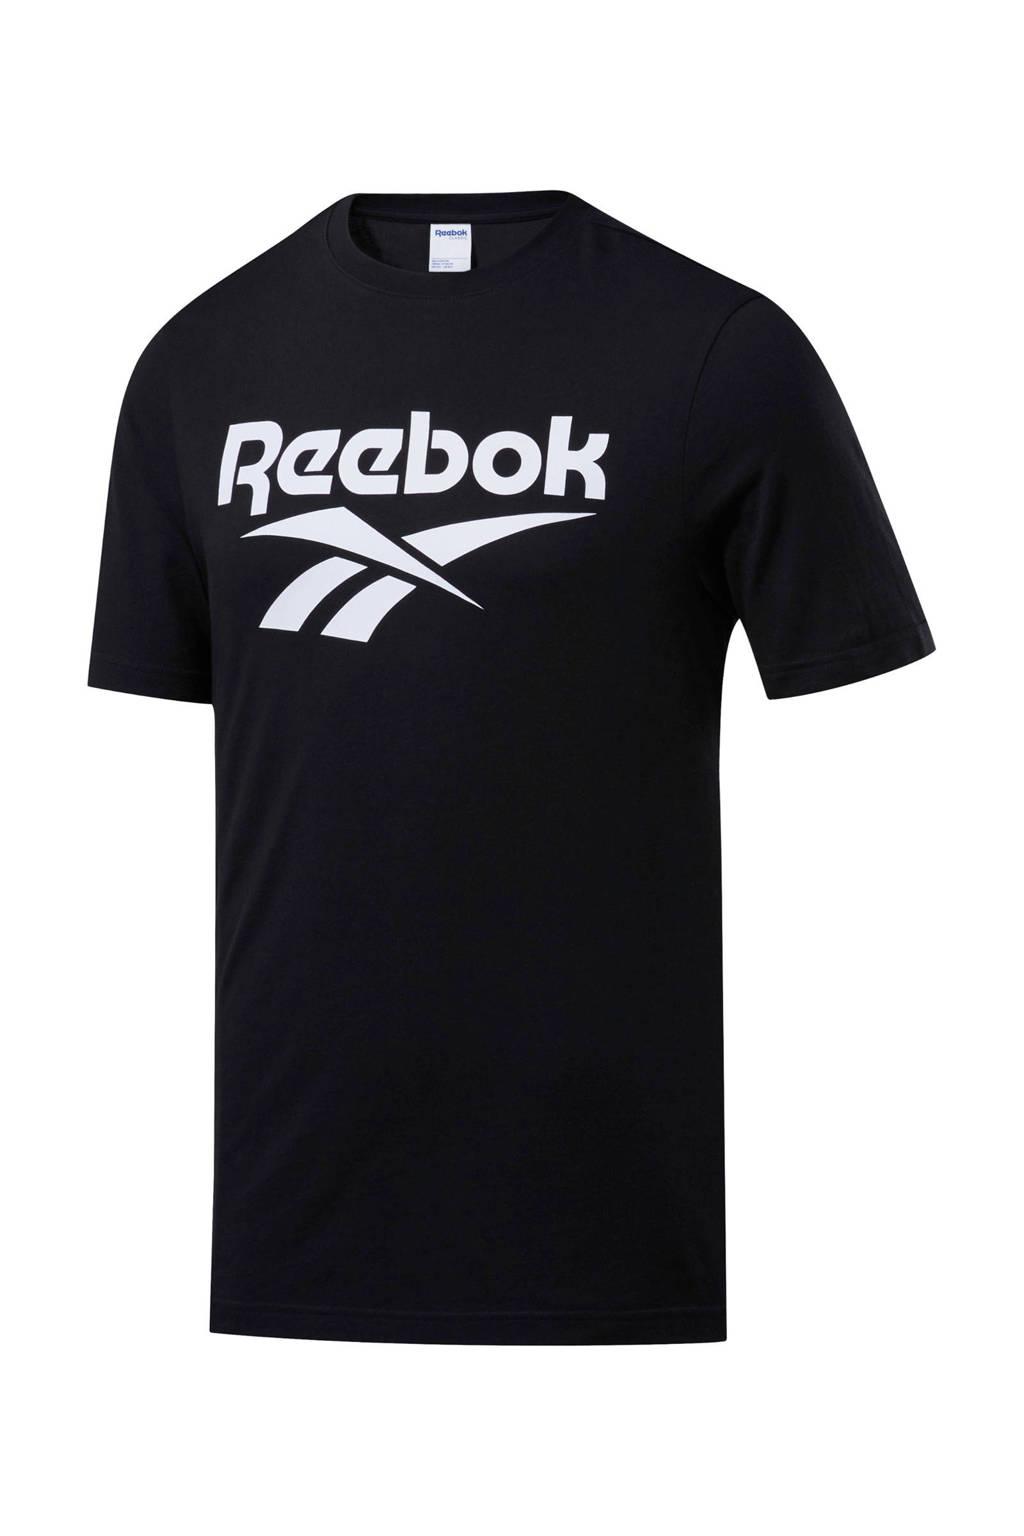 Reebok   T-shirt zwart, Zwart